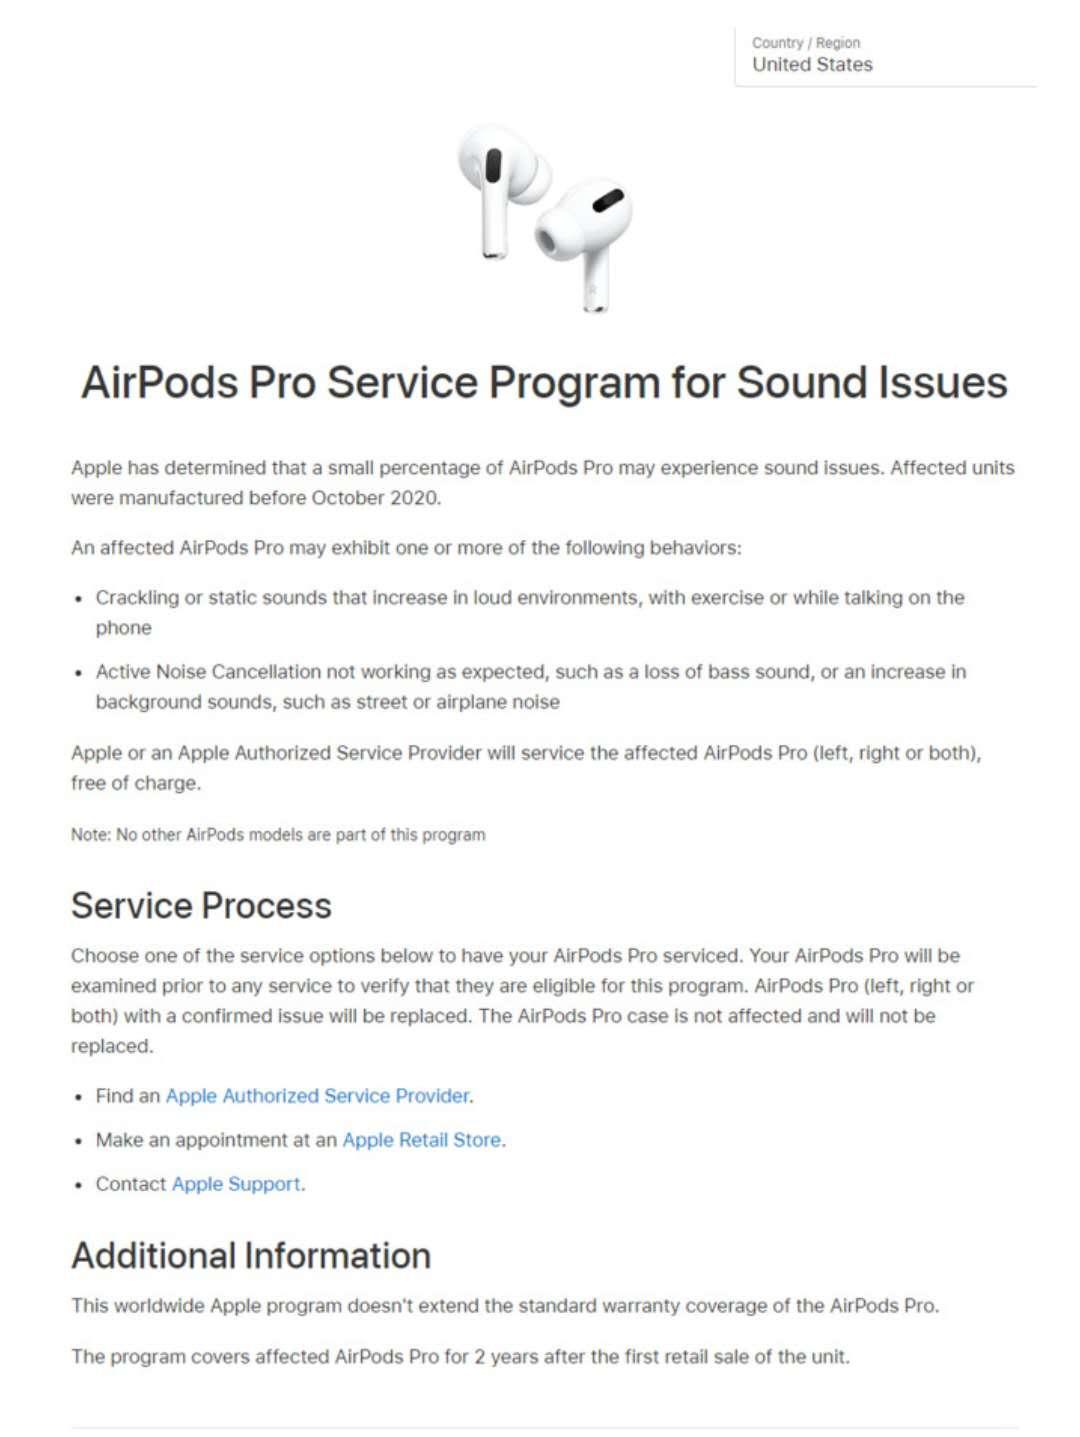 苹果召回故障AirPods Pro耳机 立讯精密获部分转单|苹果,召回